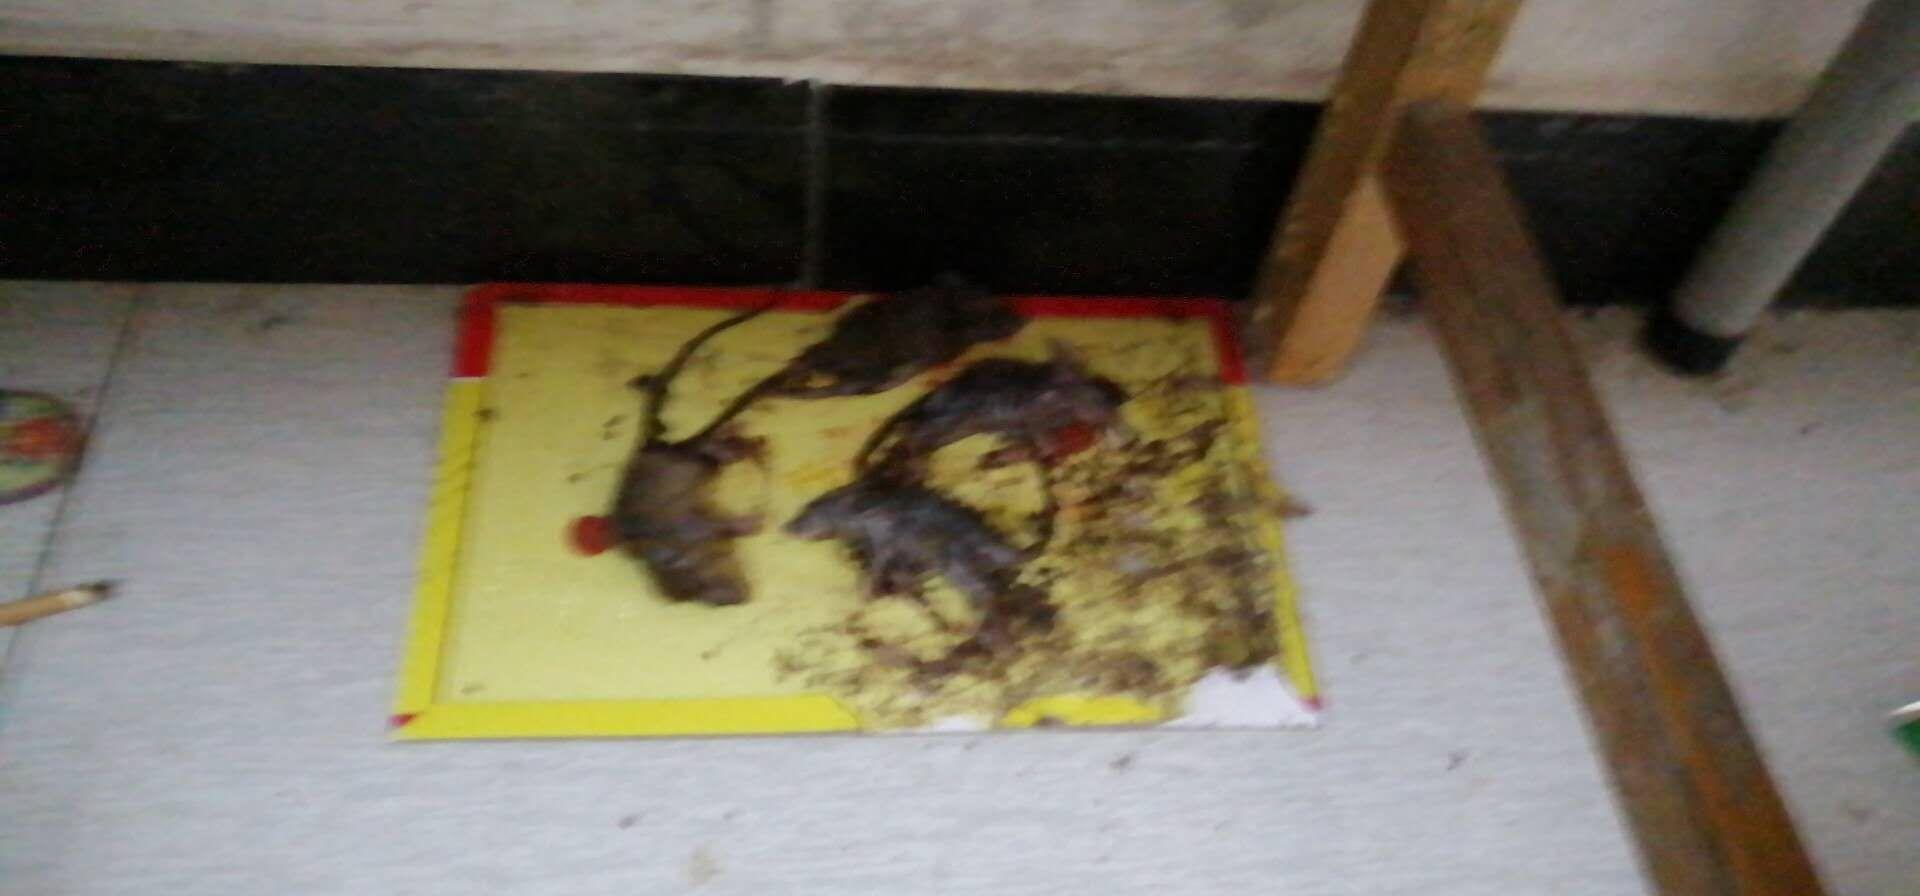 陈浩家人挑供的宿弃内发现物化老鼠的照片。受访者供图